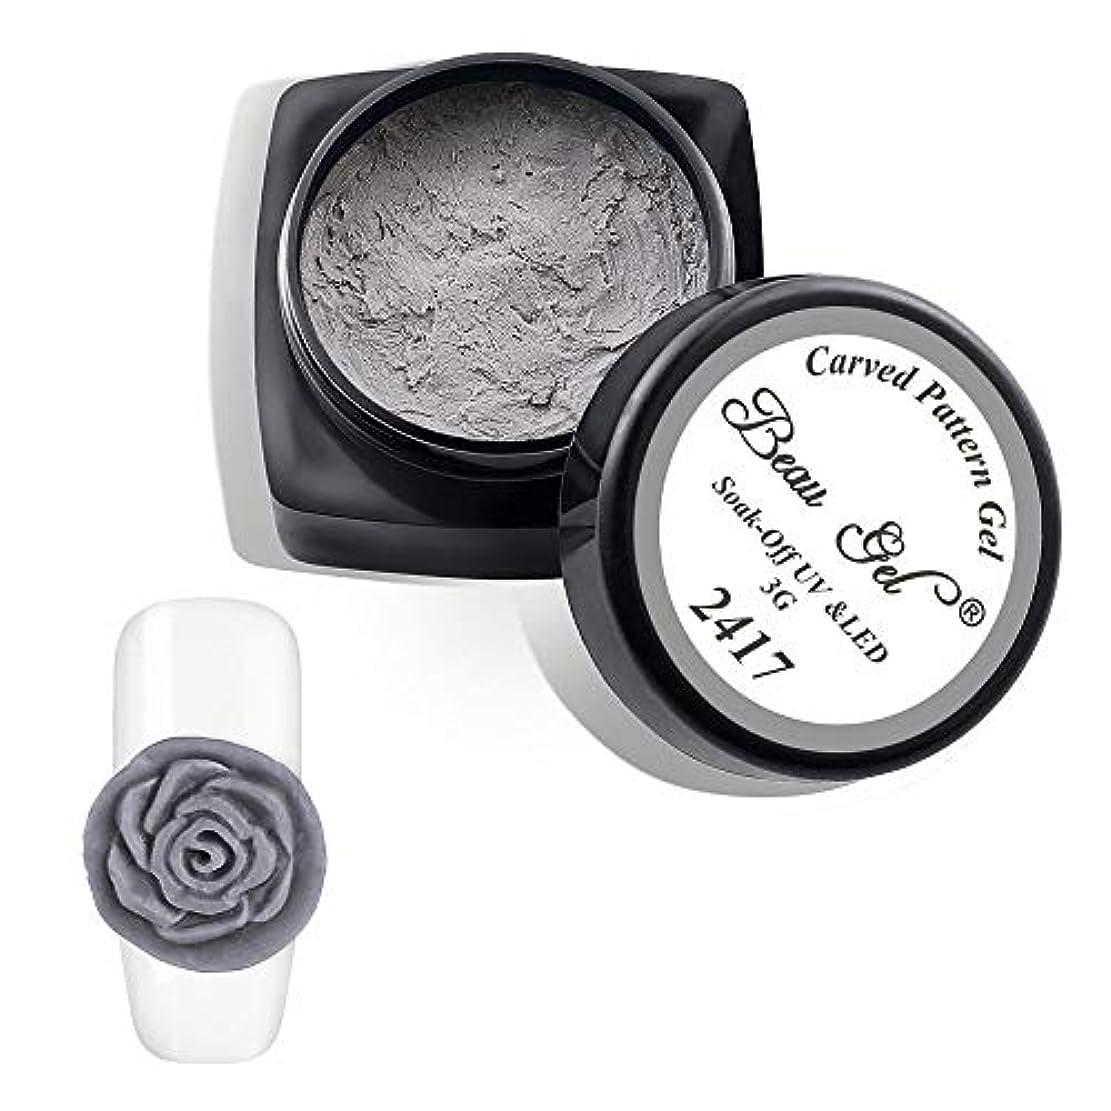 ポルトガル語エンコミウム抵当Beau gel ジェルネイル カラージェル デザイン可能 1色入り 3ml-2417